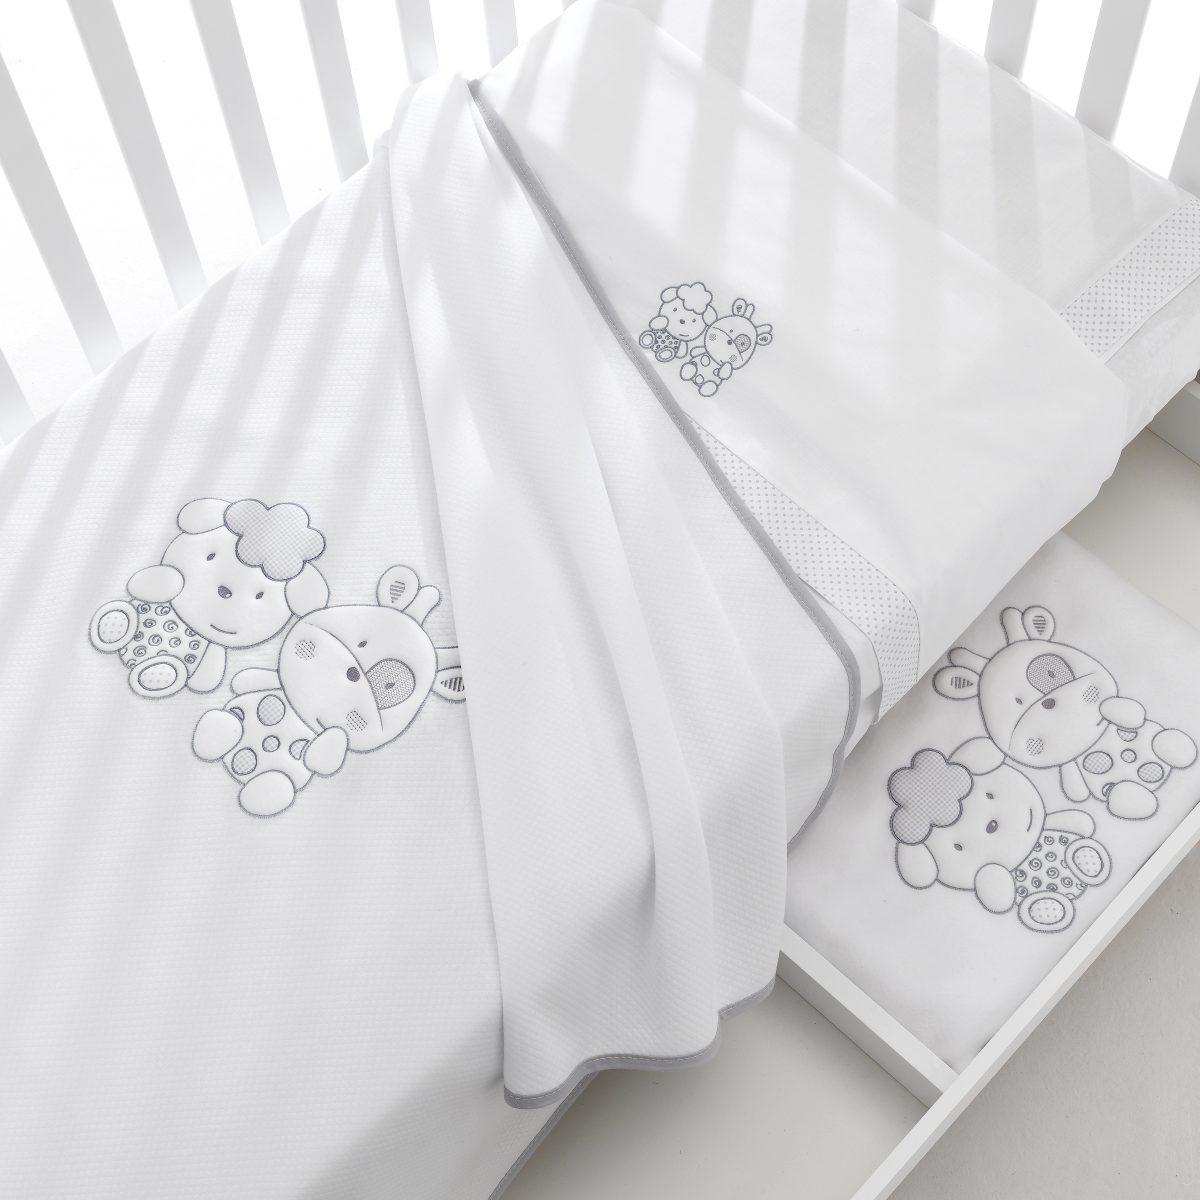 luxusní dětský nábytek - designové textilie Milky